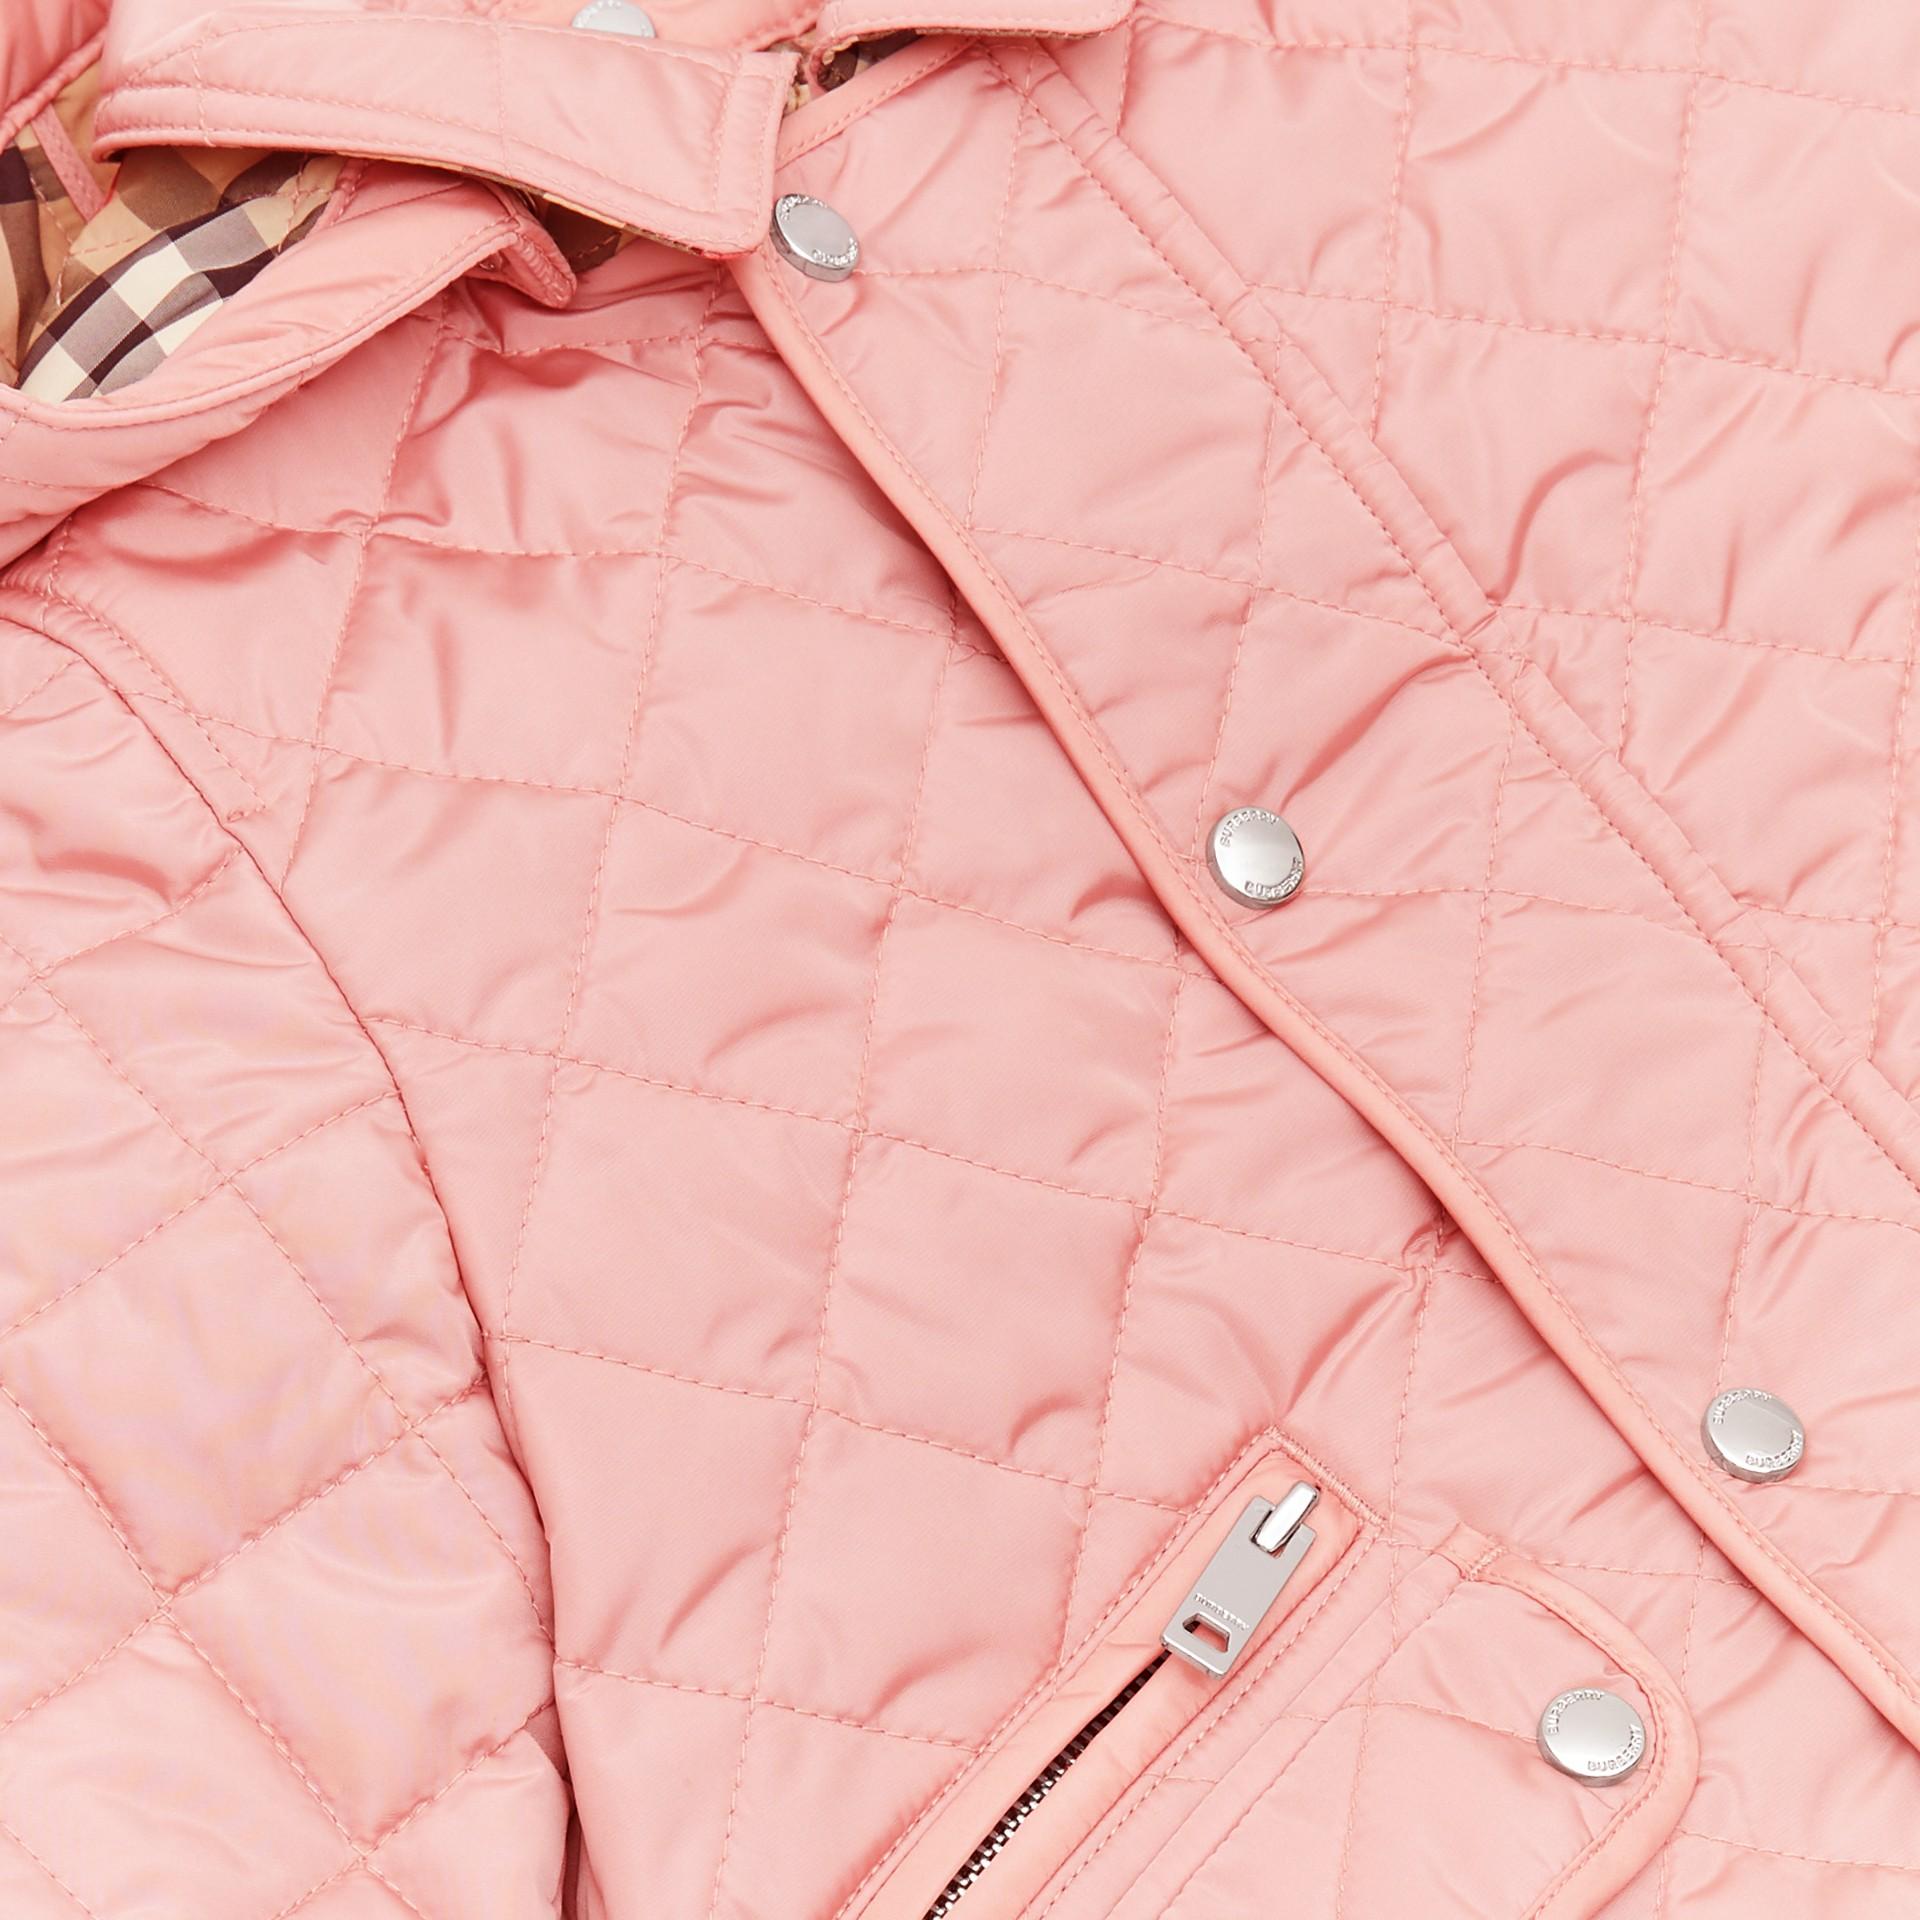 デタッチャブルフード ダイアモンドキルティング ジャケット (ダスティピンク) - チルドレンズ | バーバリー - ギャラリーイメージ 1